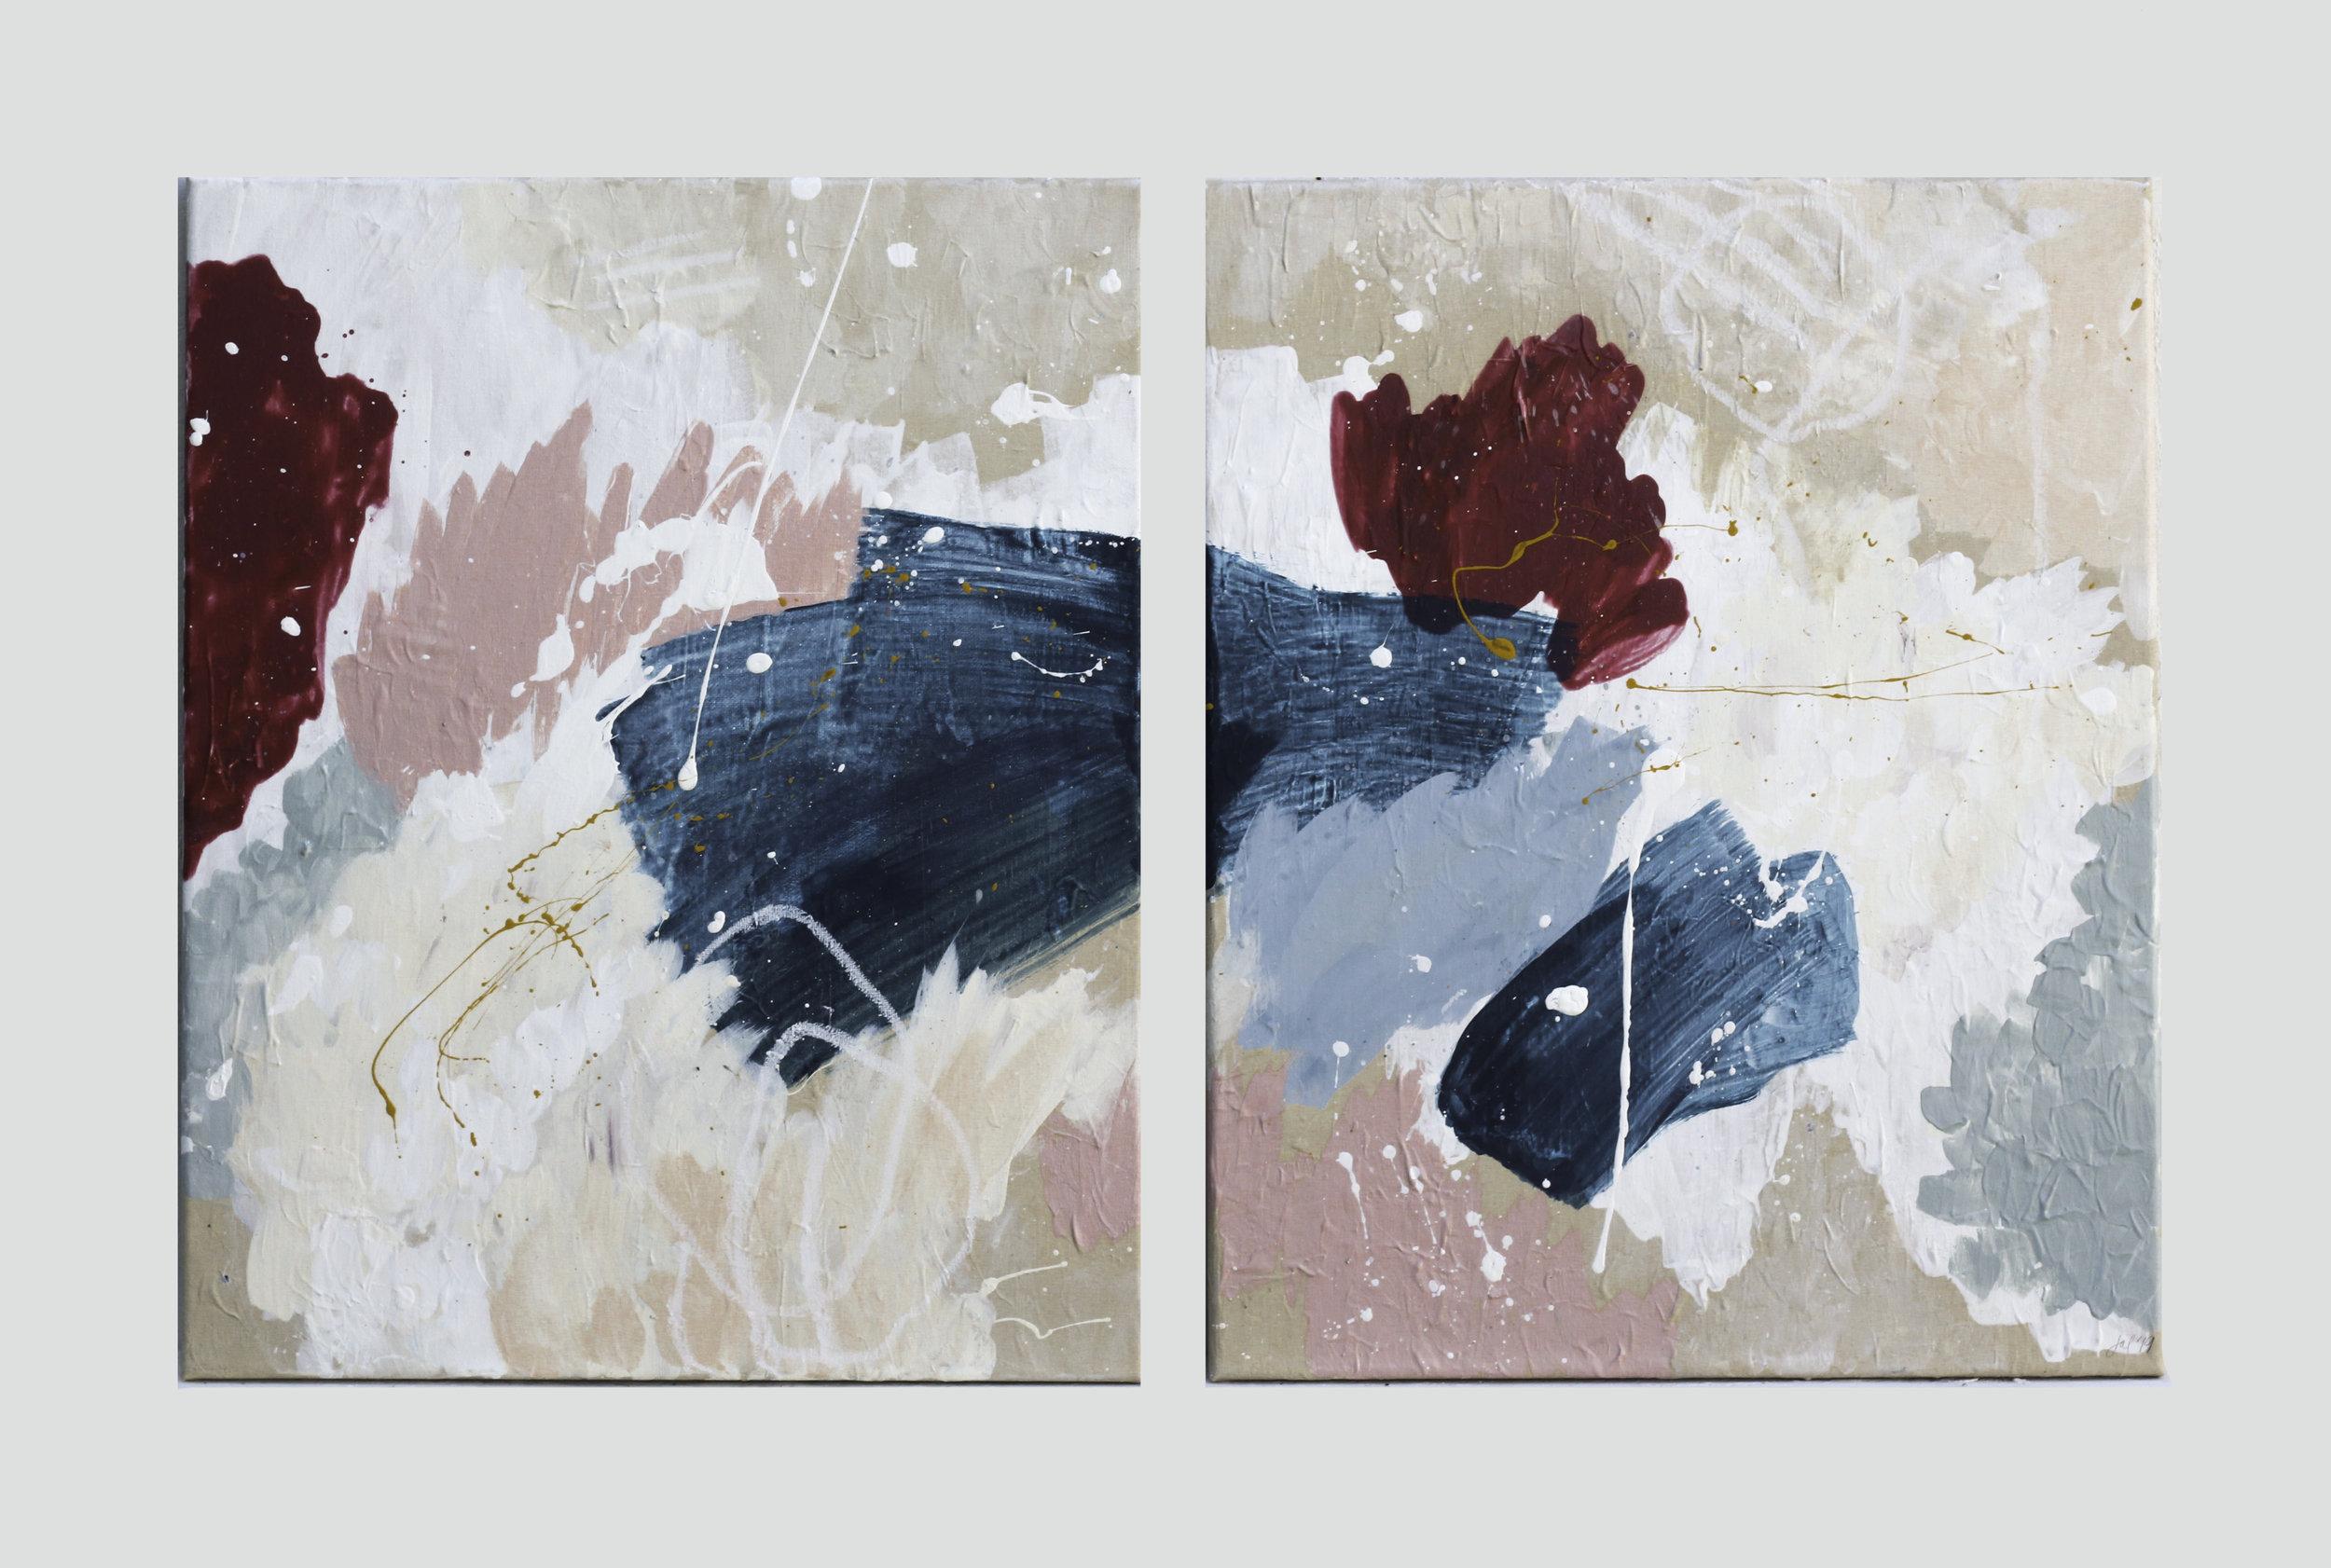 XIMENO - 20 x 32 | Acrylic, watercolor, pastel on canvas |July 2019.